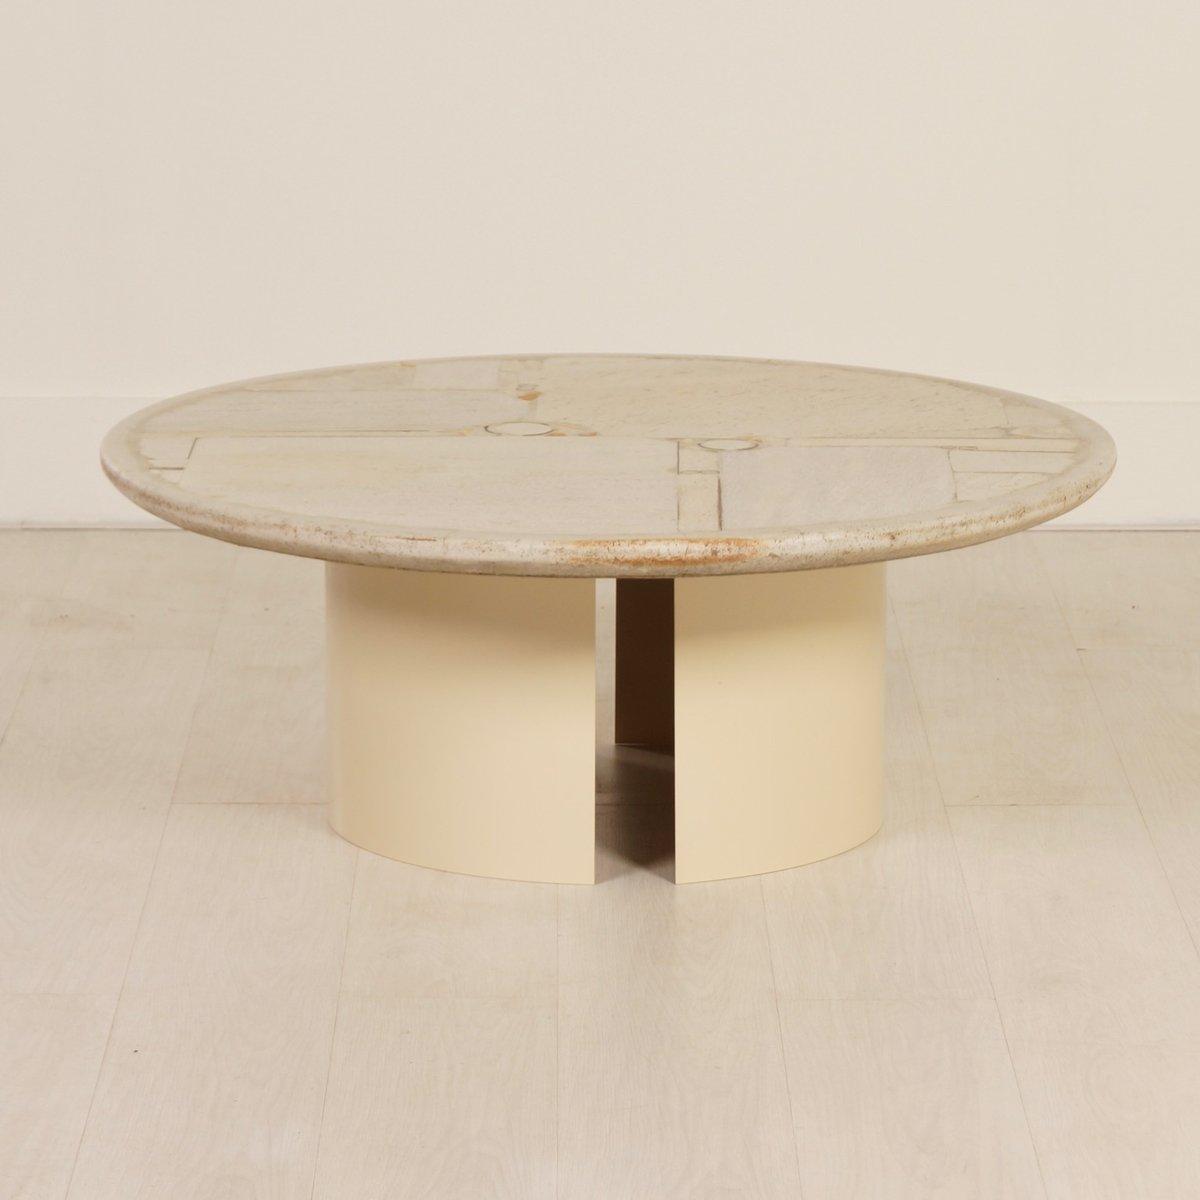 runder wei er kingma couchtisch aus stein von paul kingma 1987 bei pamono kaufen. Black Bedroom Furniture Sets. Home Design Ideas